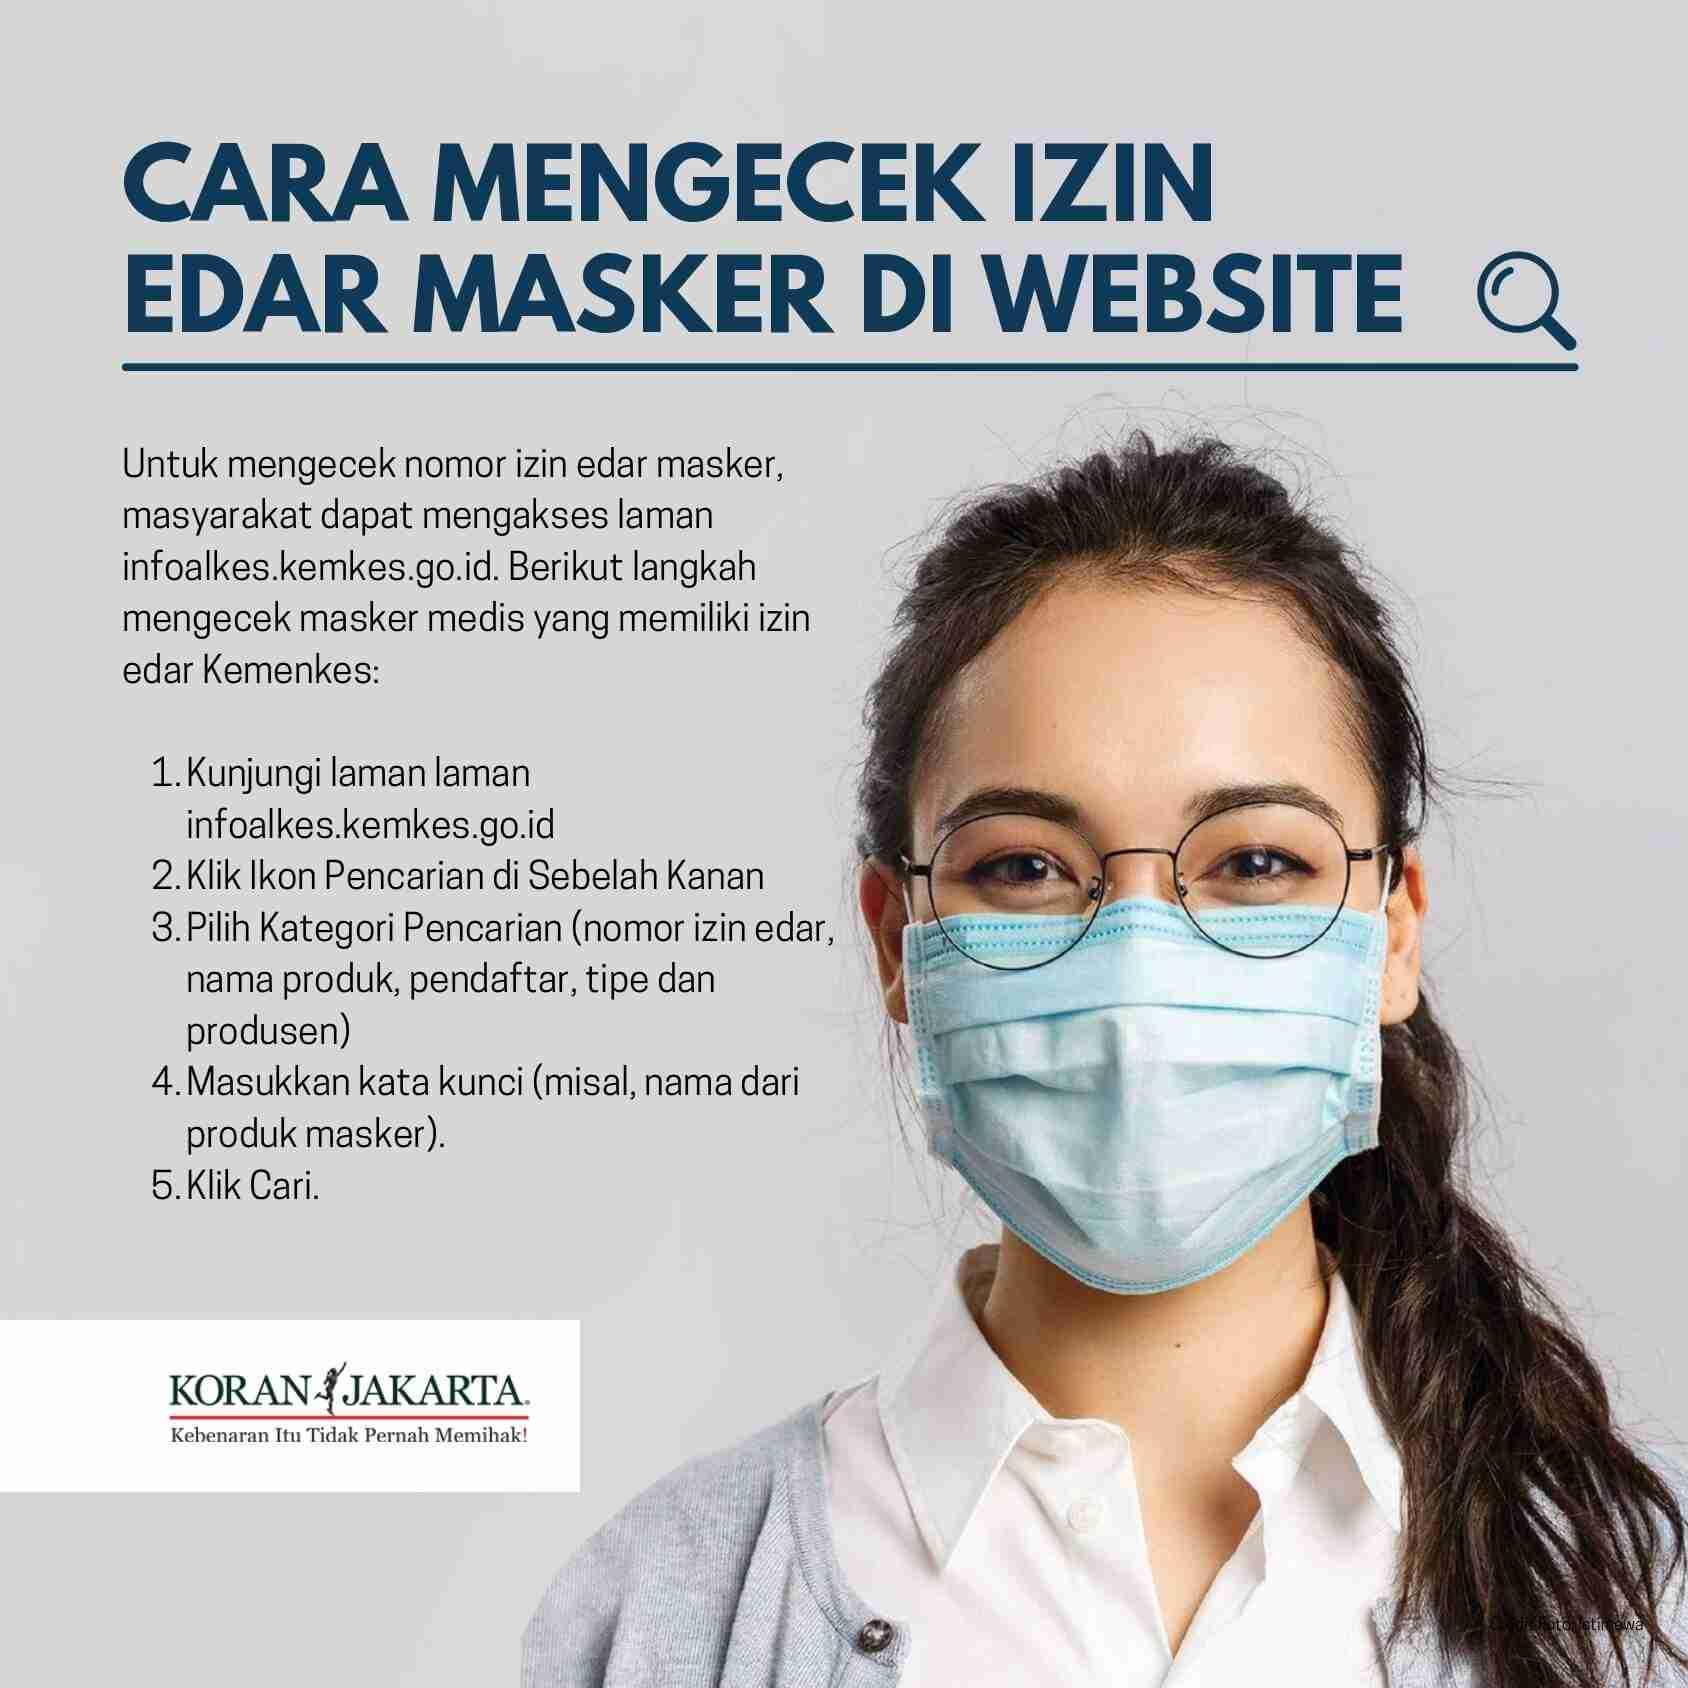 Cara Memilih Masker Sesuai Anjuran Kementerian Kesehatan 4